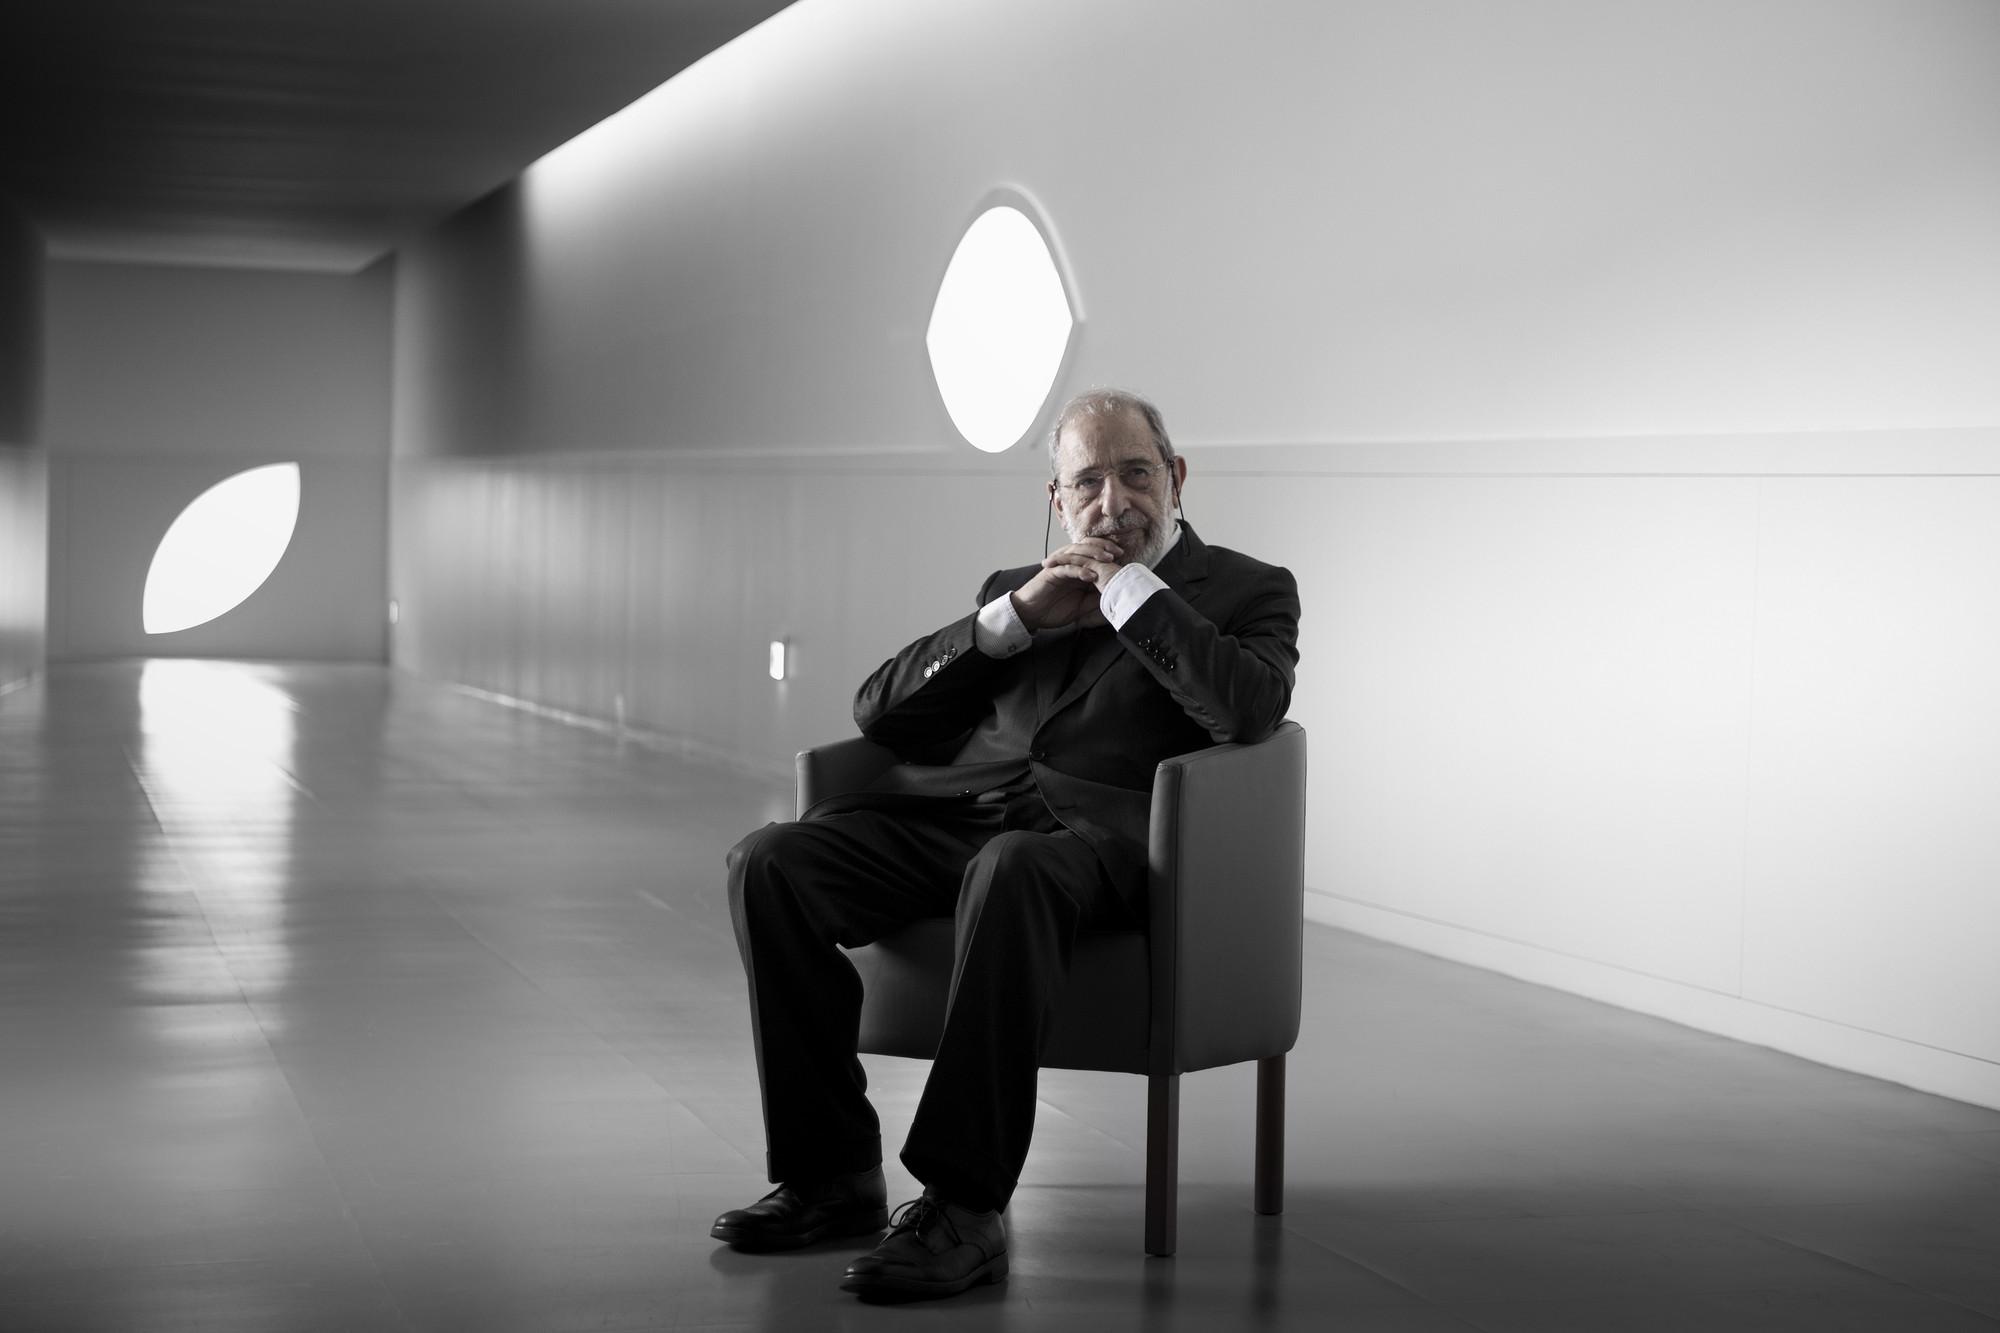 52 obras de Álvaro Siza en el día de su cumpleaños, Alvaro Siza. Image © Fernando Guerra | FG+SG